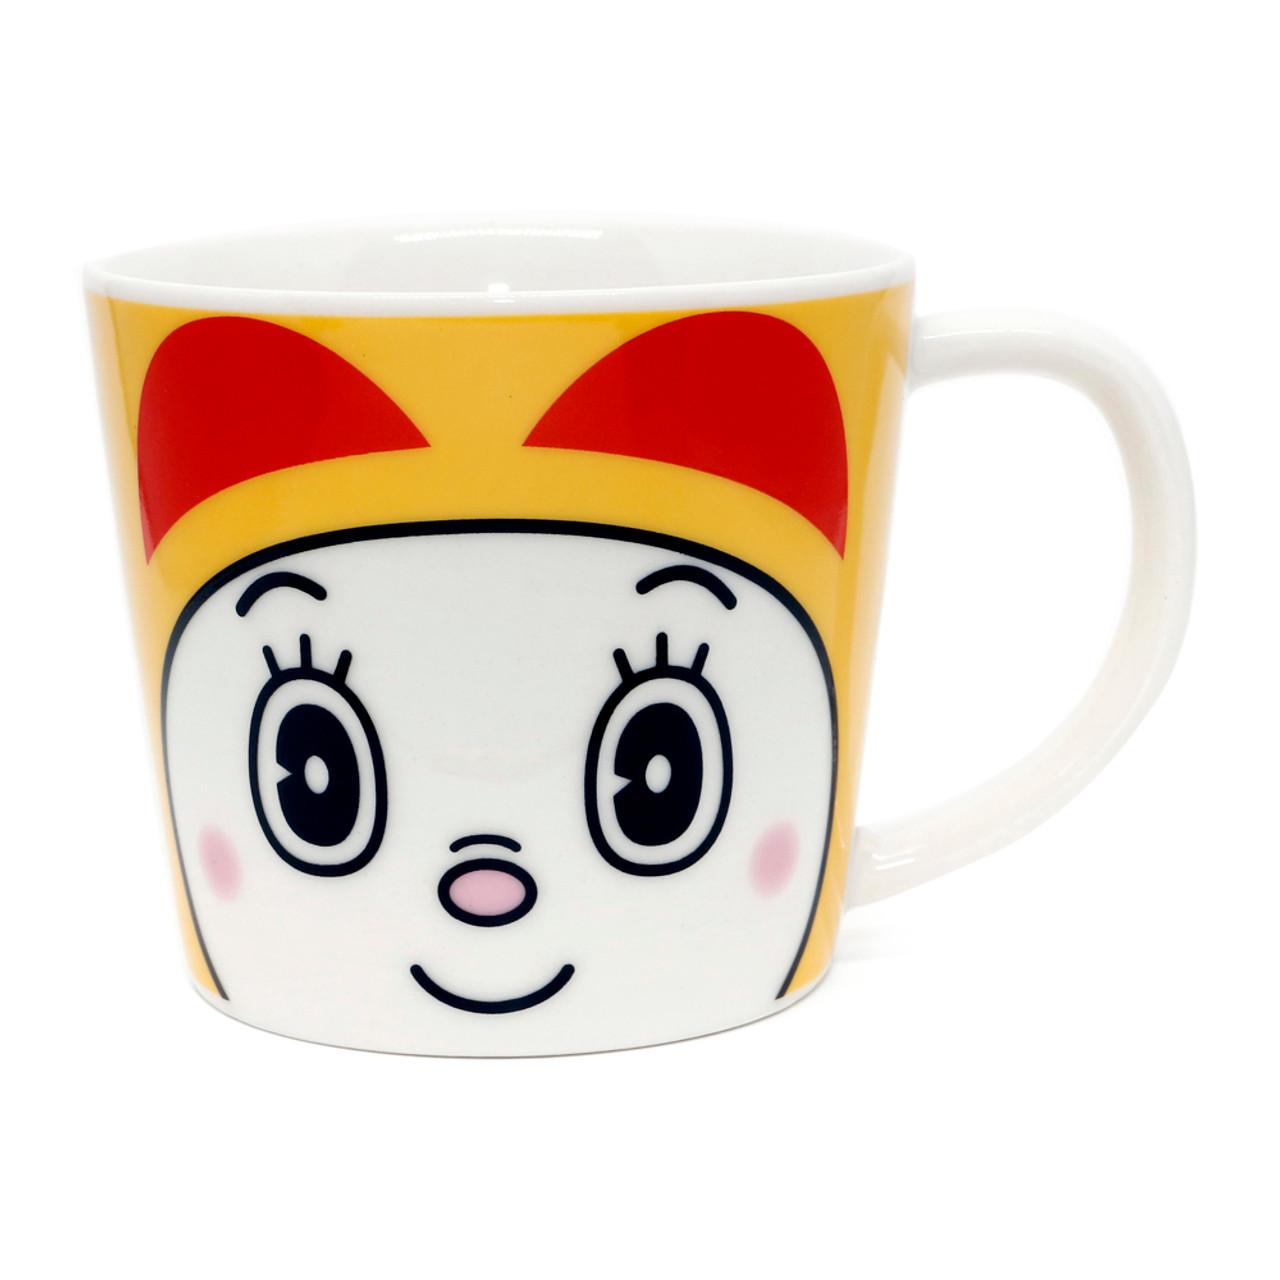 Japan Doraemon Face Porcelain Coffee Cup - Dorami ( Front View )